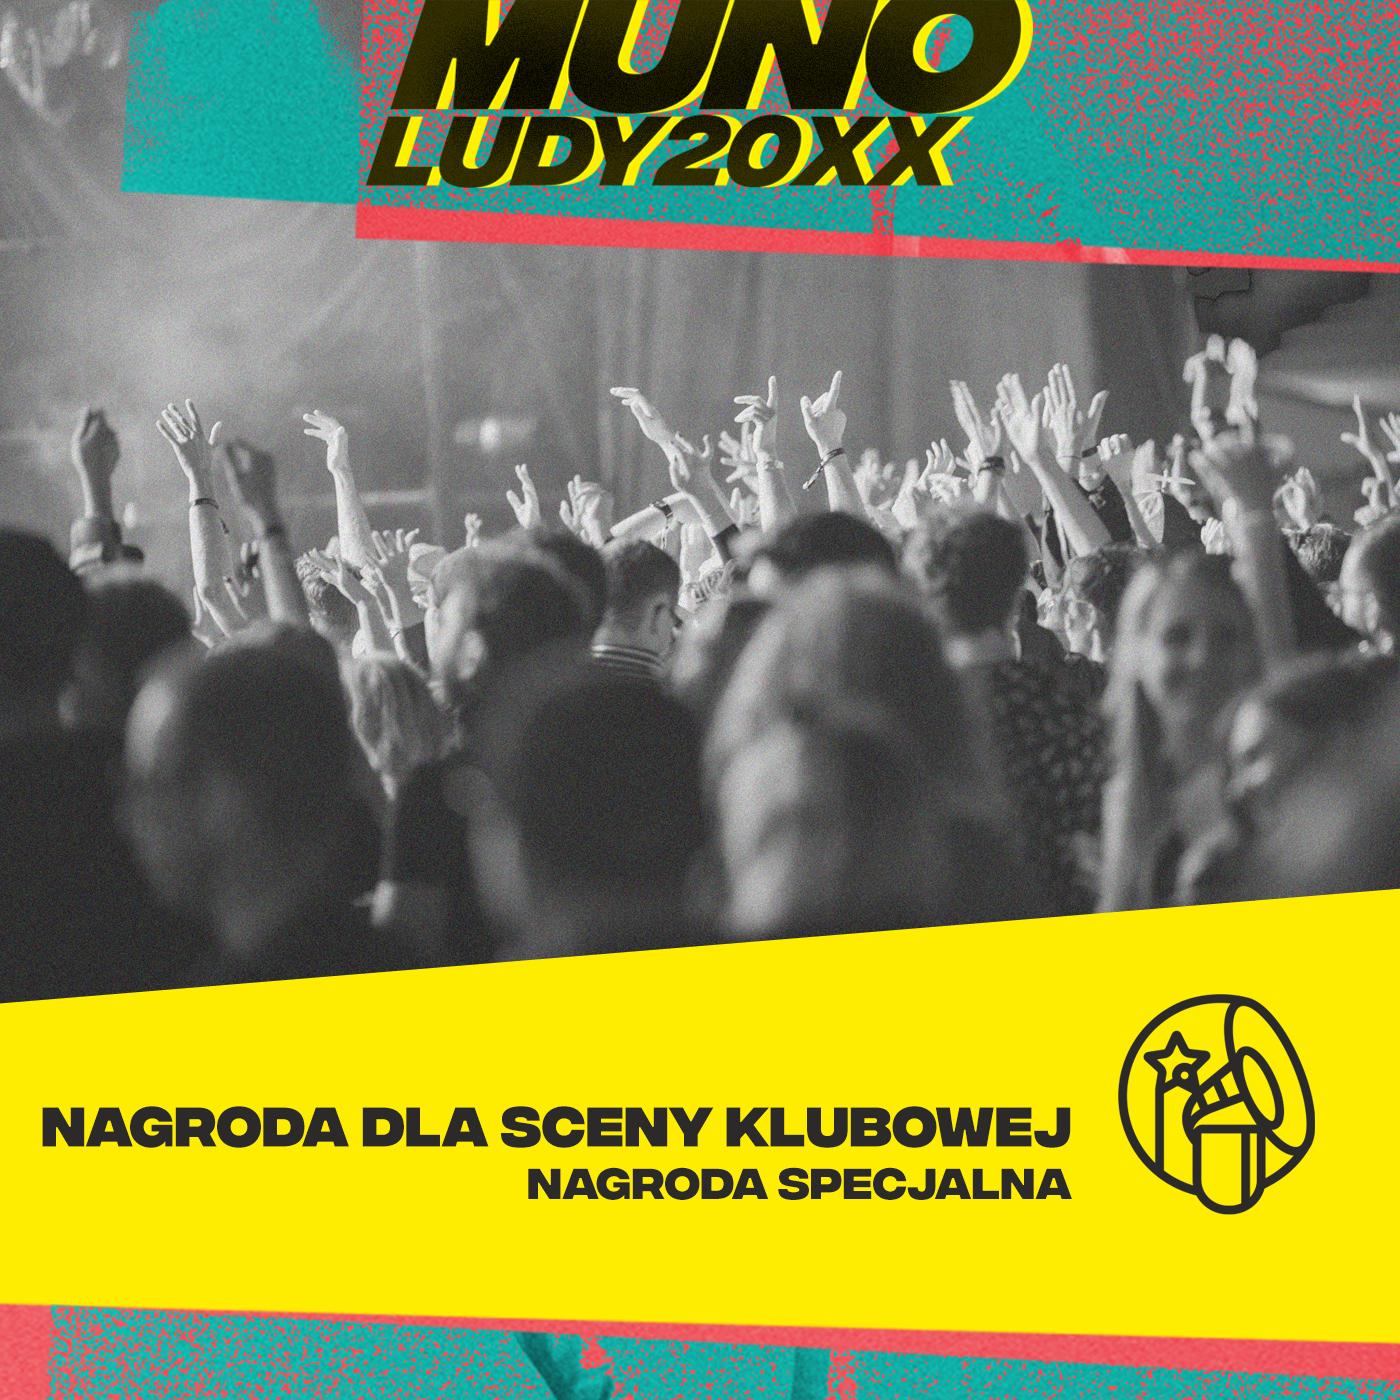 Nagroda Specjalna Munoludy 20XX: Scena klubowa